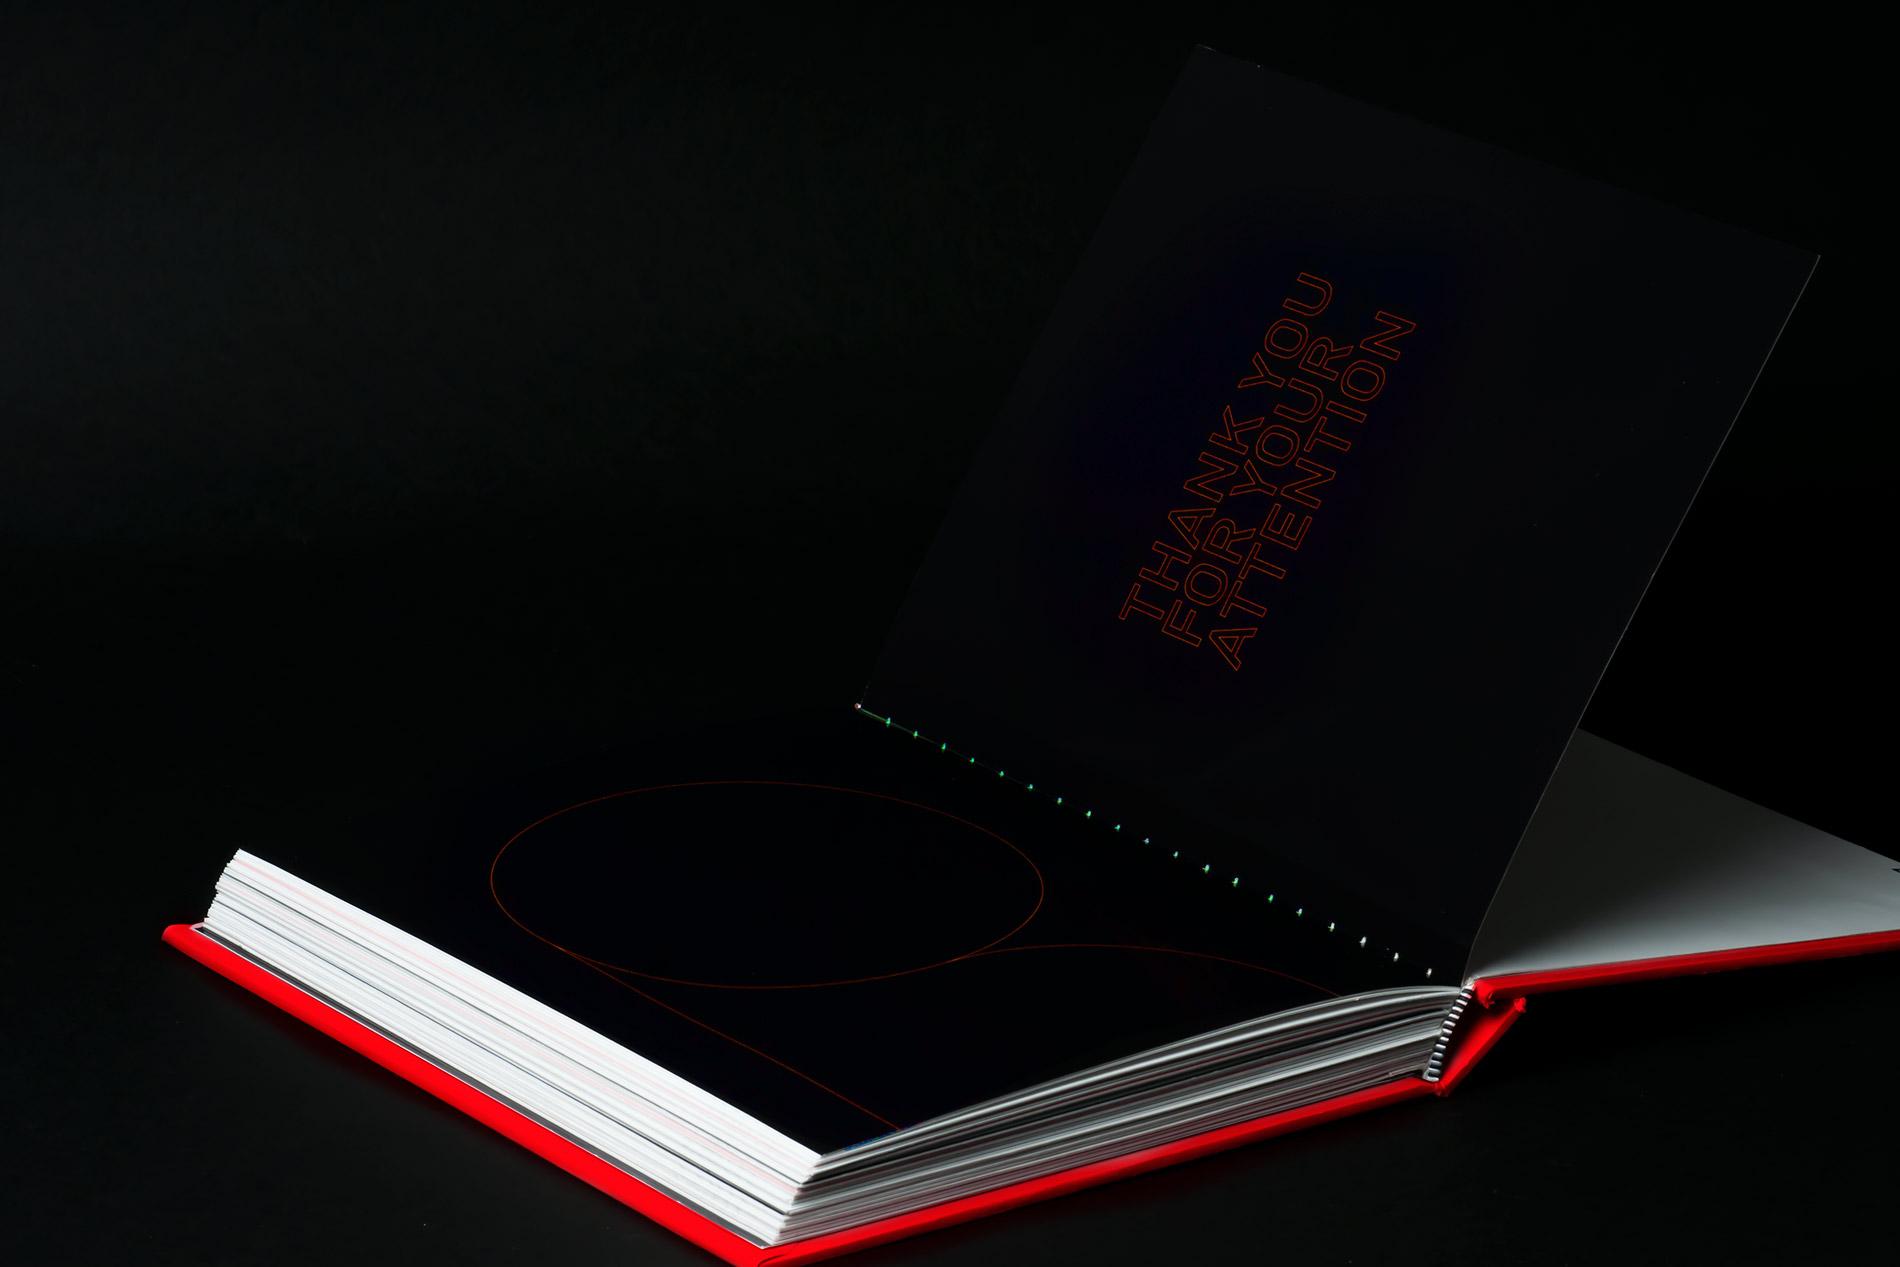 Janina-Lermer-Markenentwickung-Markengestaltung-Branddevelopment-Branddesign-Del-Rosario-Markenbuch-Brandbook_Letzte-Seite-Last-Page